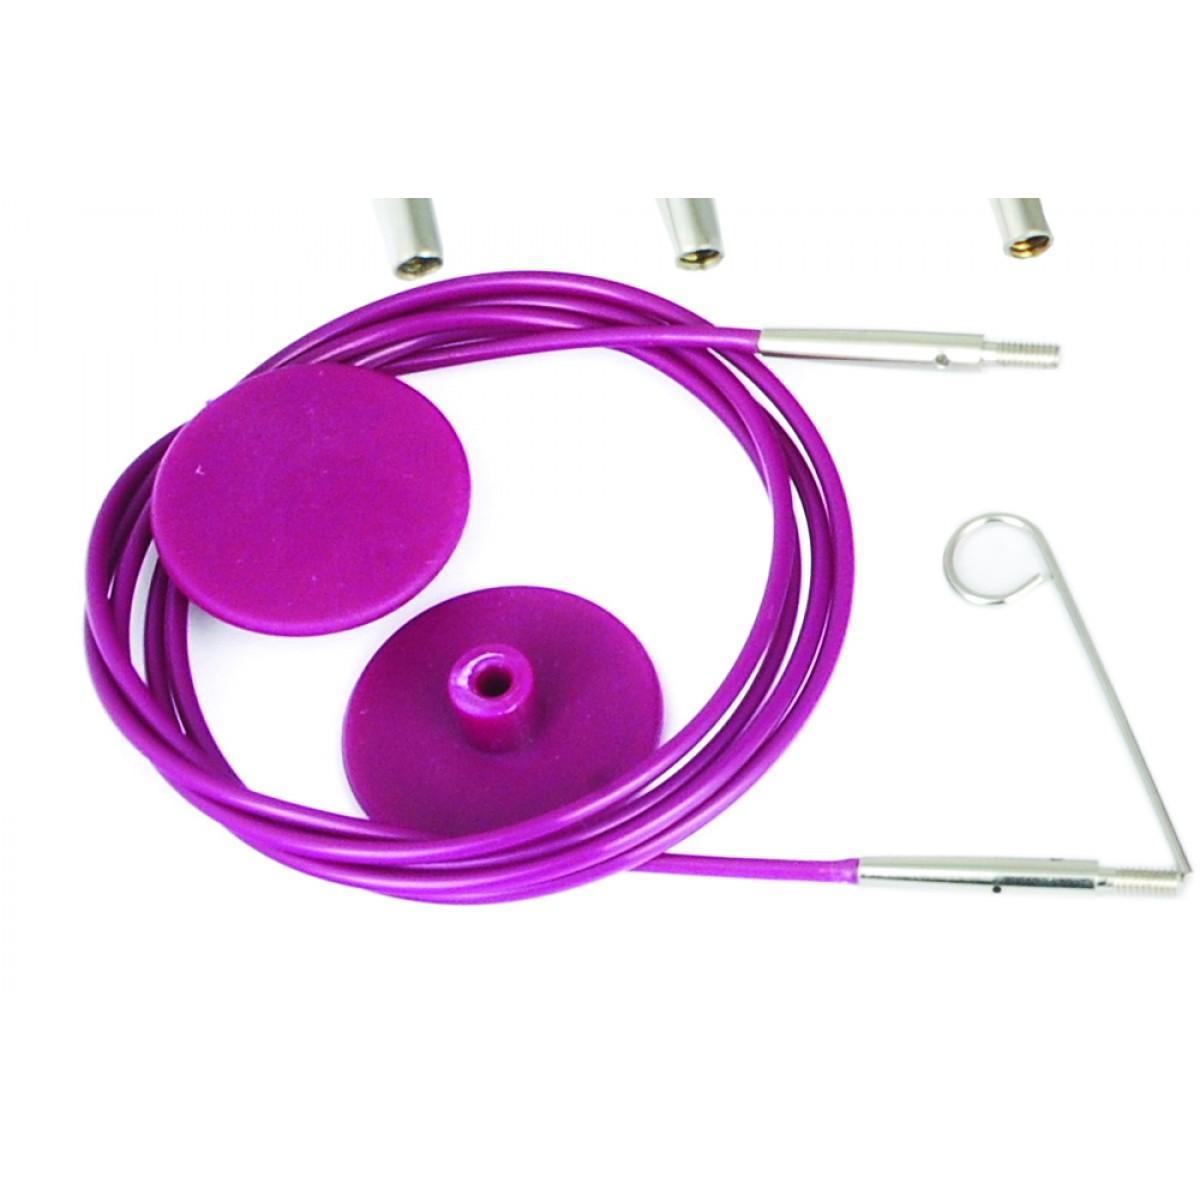 knitprolsewirer-31